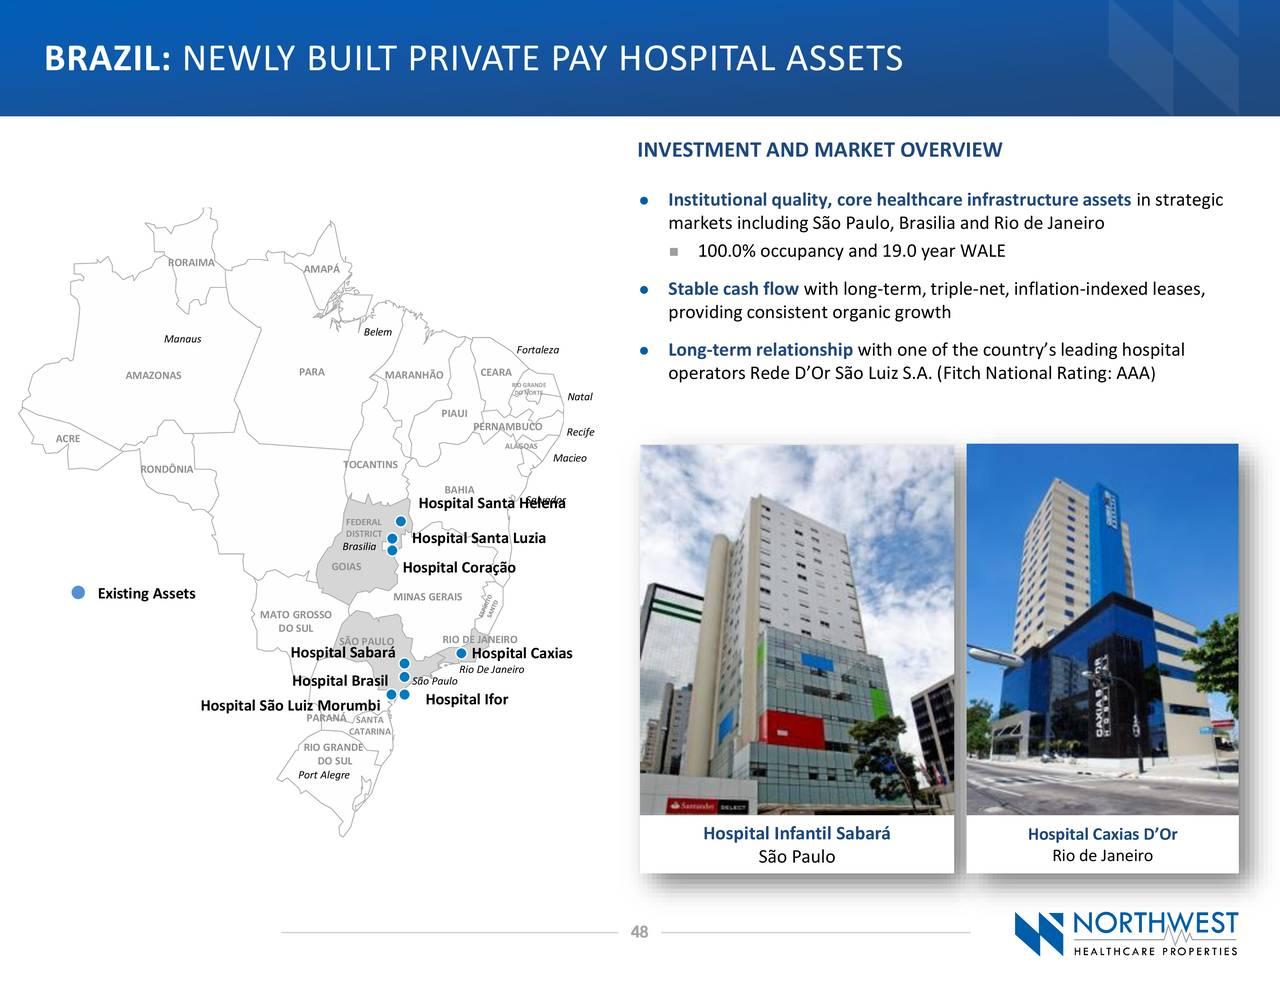 BRASIL: ACTIVOS HOSPITALARIOS DE PAGO PRIVADOS RECIENTEMENTE CONSTRUIDOS